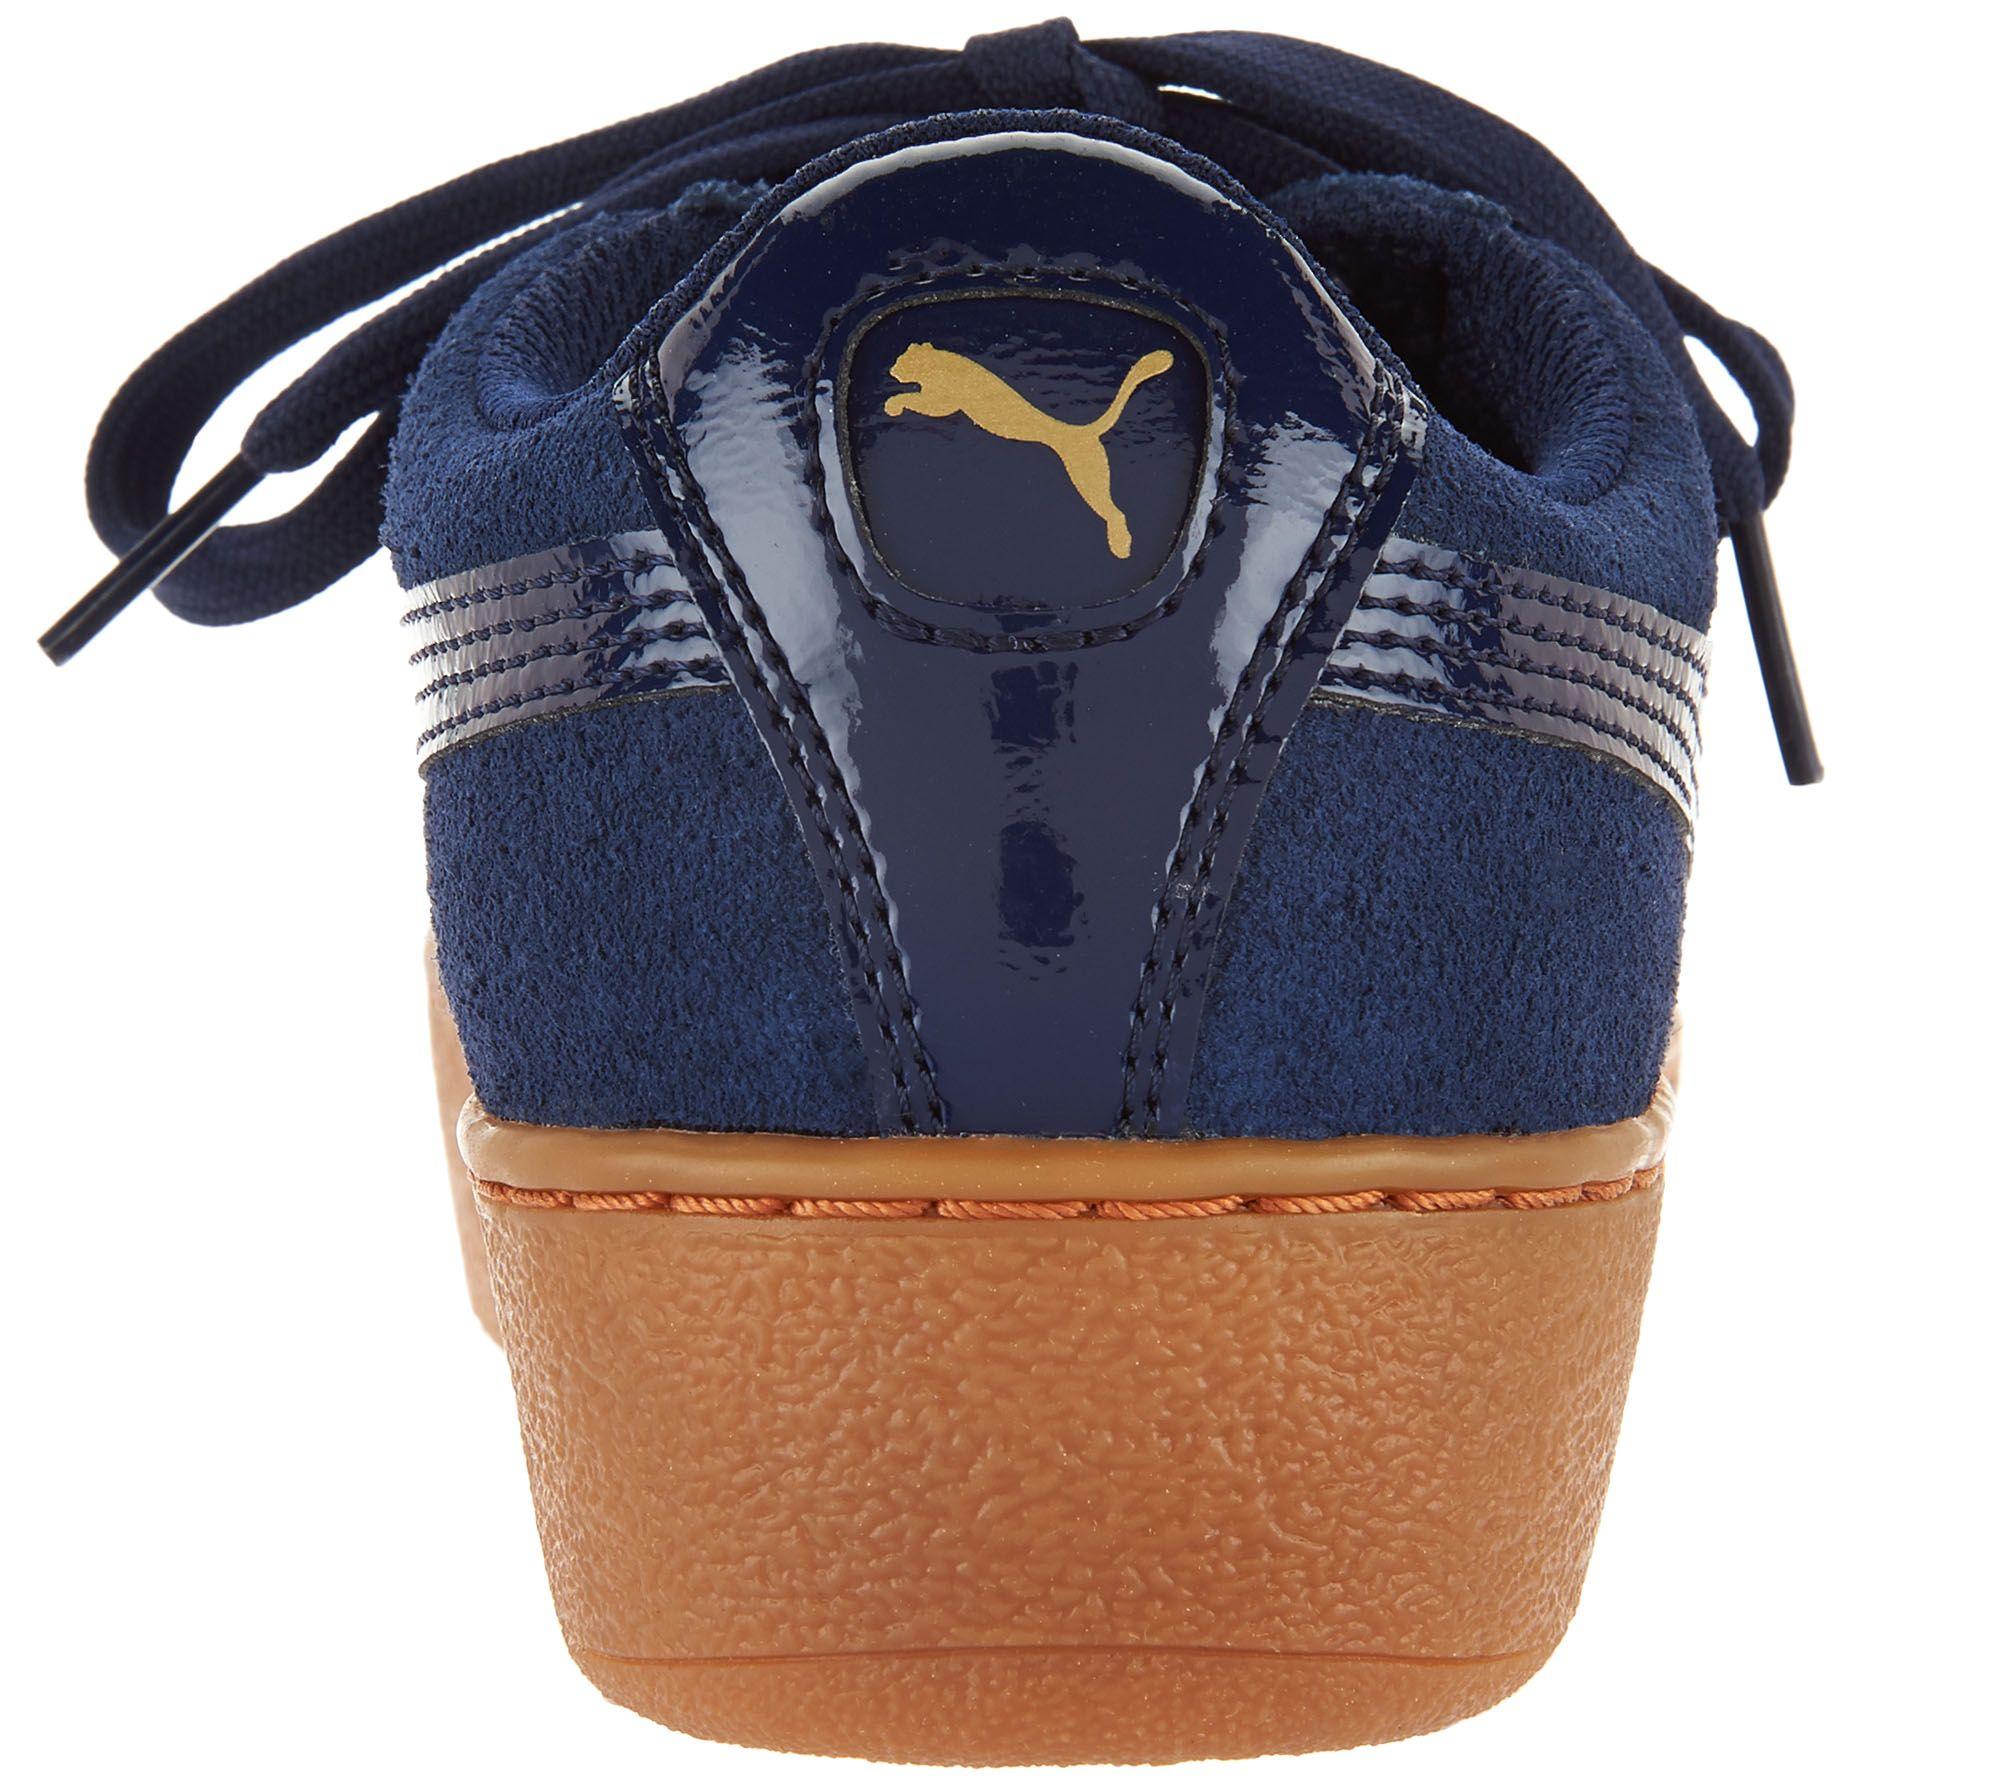 39446c96a18c PUMA Leather or Suede Platform Sneakers - Vikky Platform - Page 1 — QVC.com